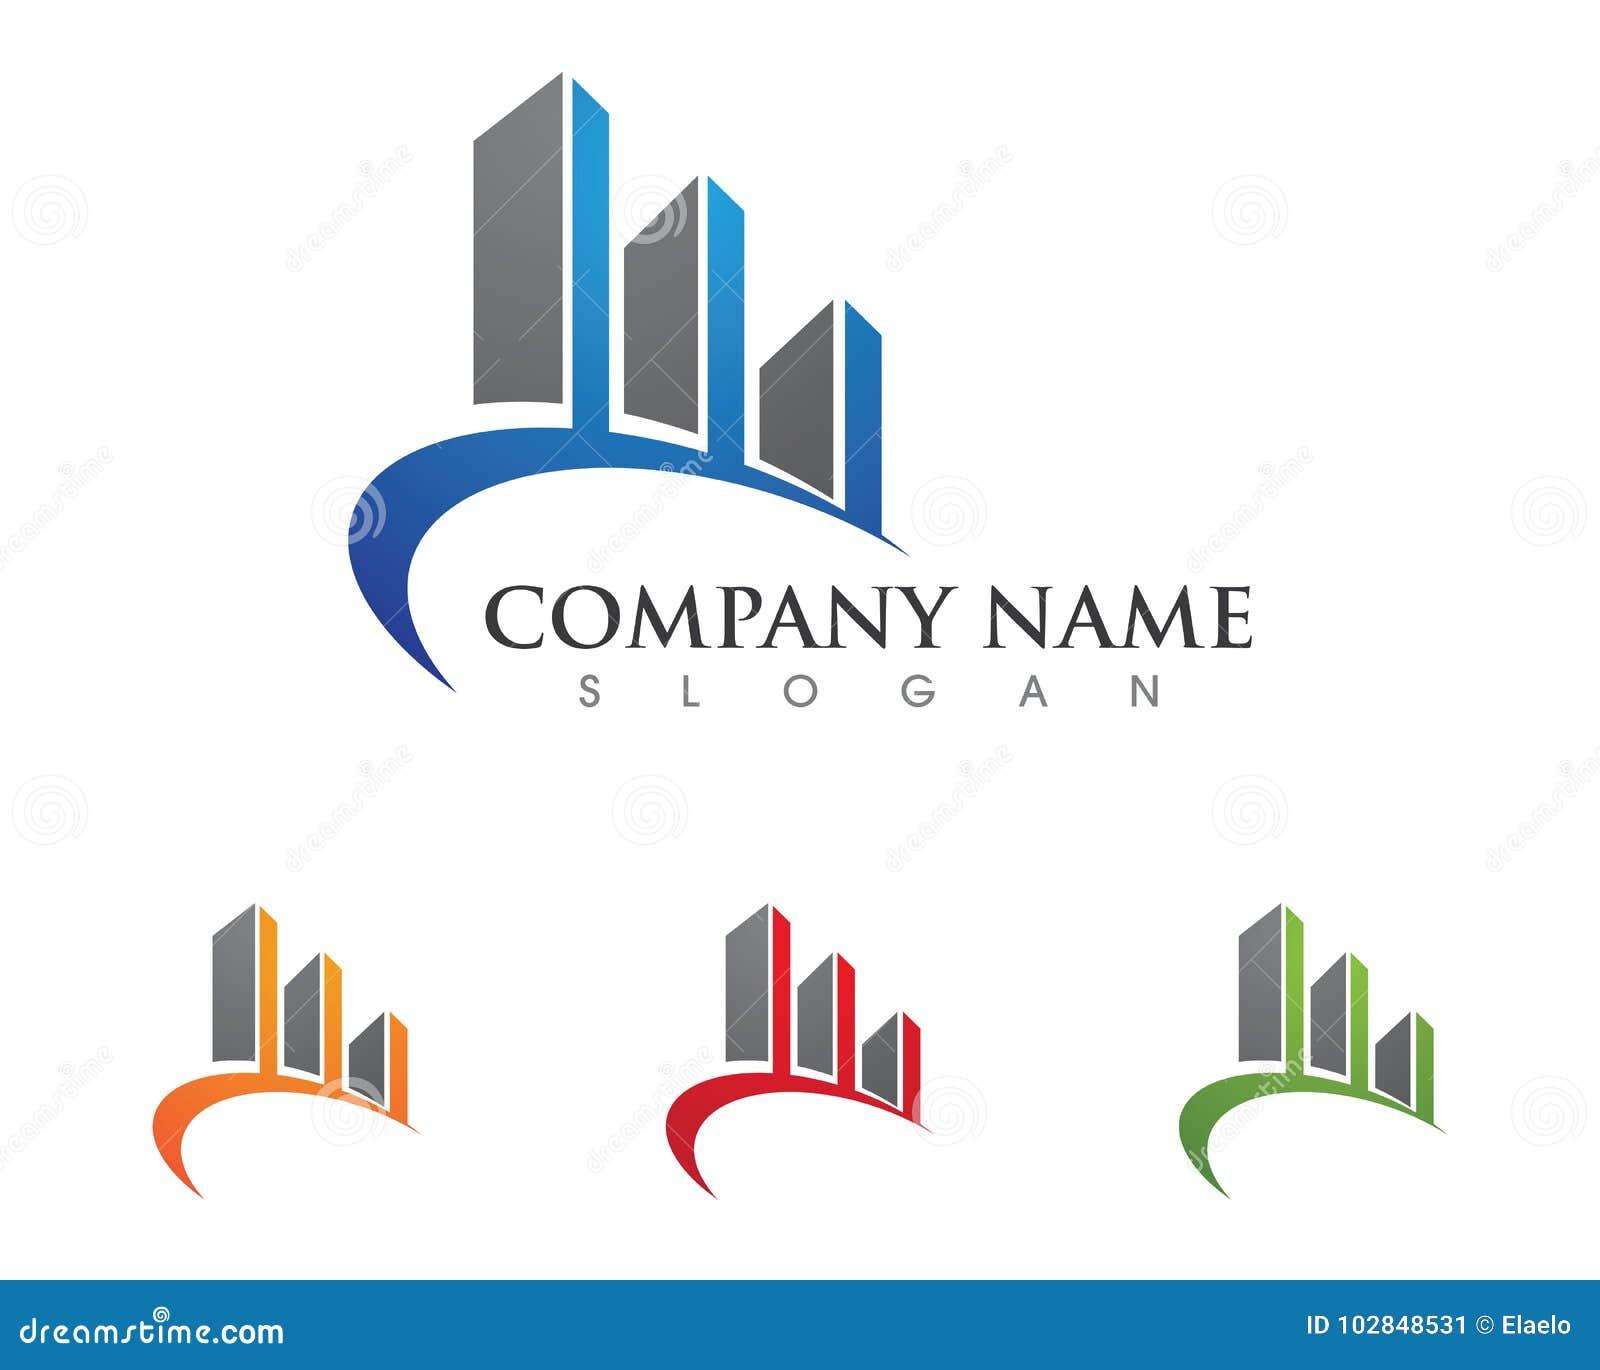 How To Design A Construction Company Logo Heser Vtngcf Org